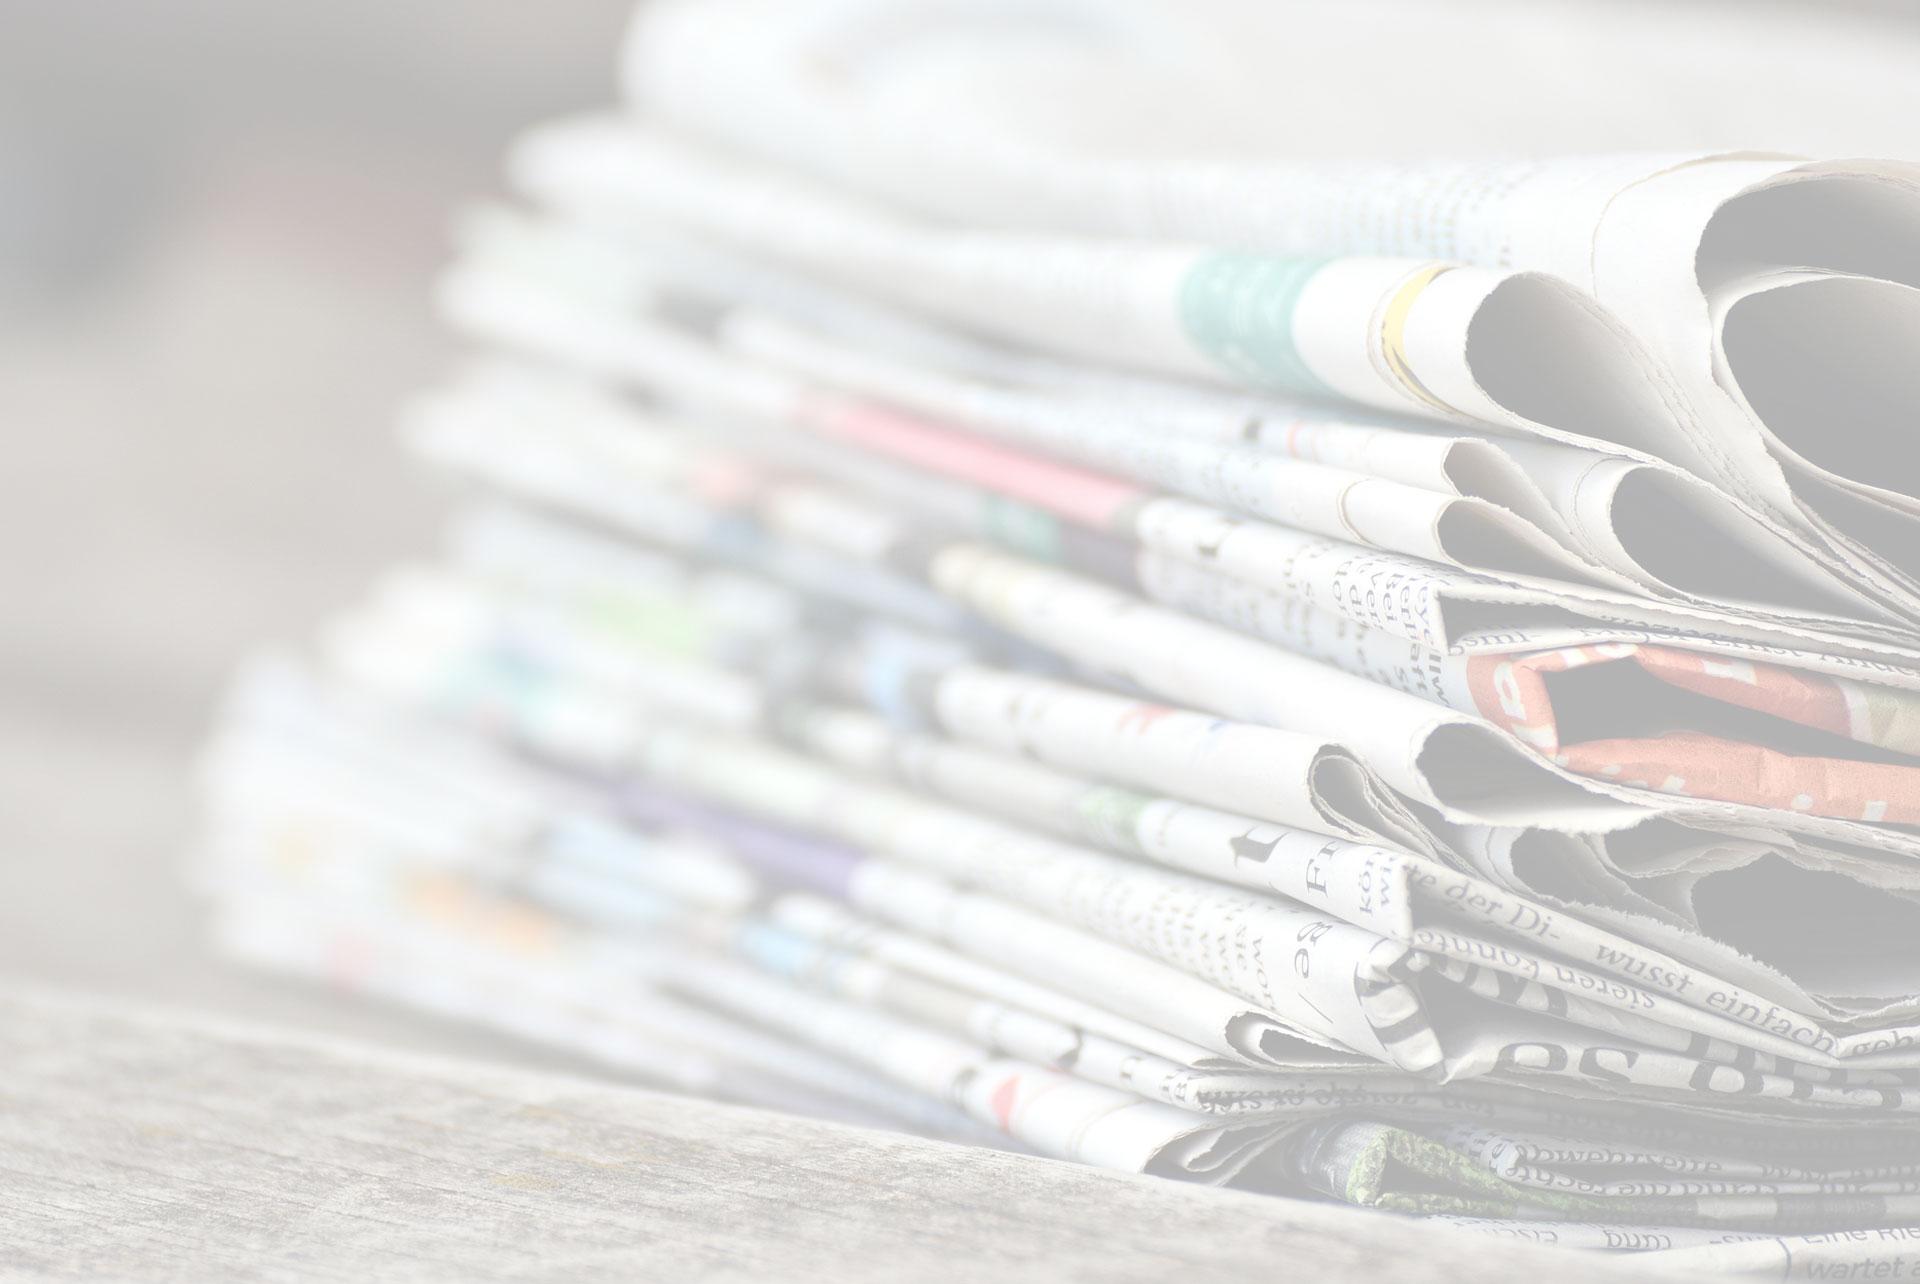 Milan-Spal Milan-Lecce Genoa-Milan Milan-Fiorentina Milan-Inter Milan-Brescia Verona-Milan